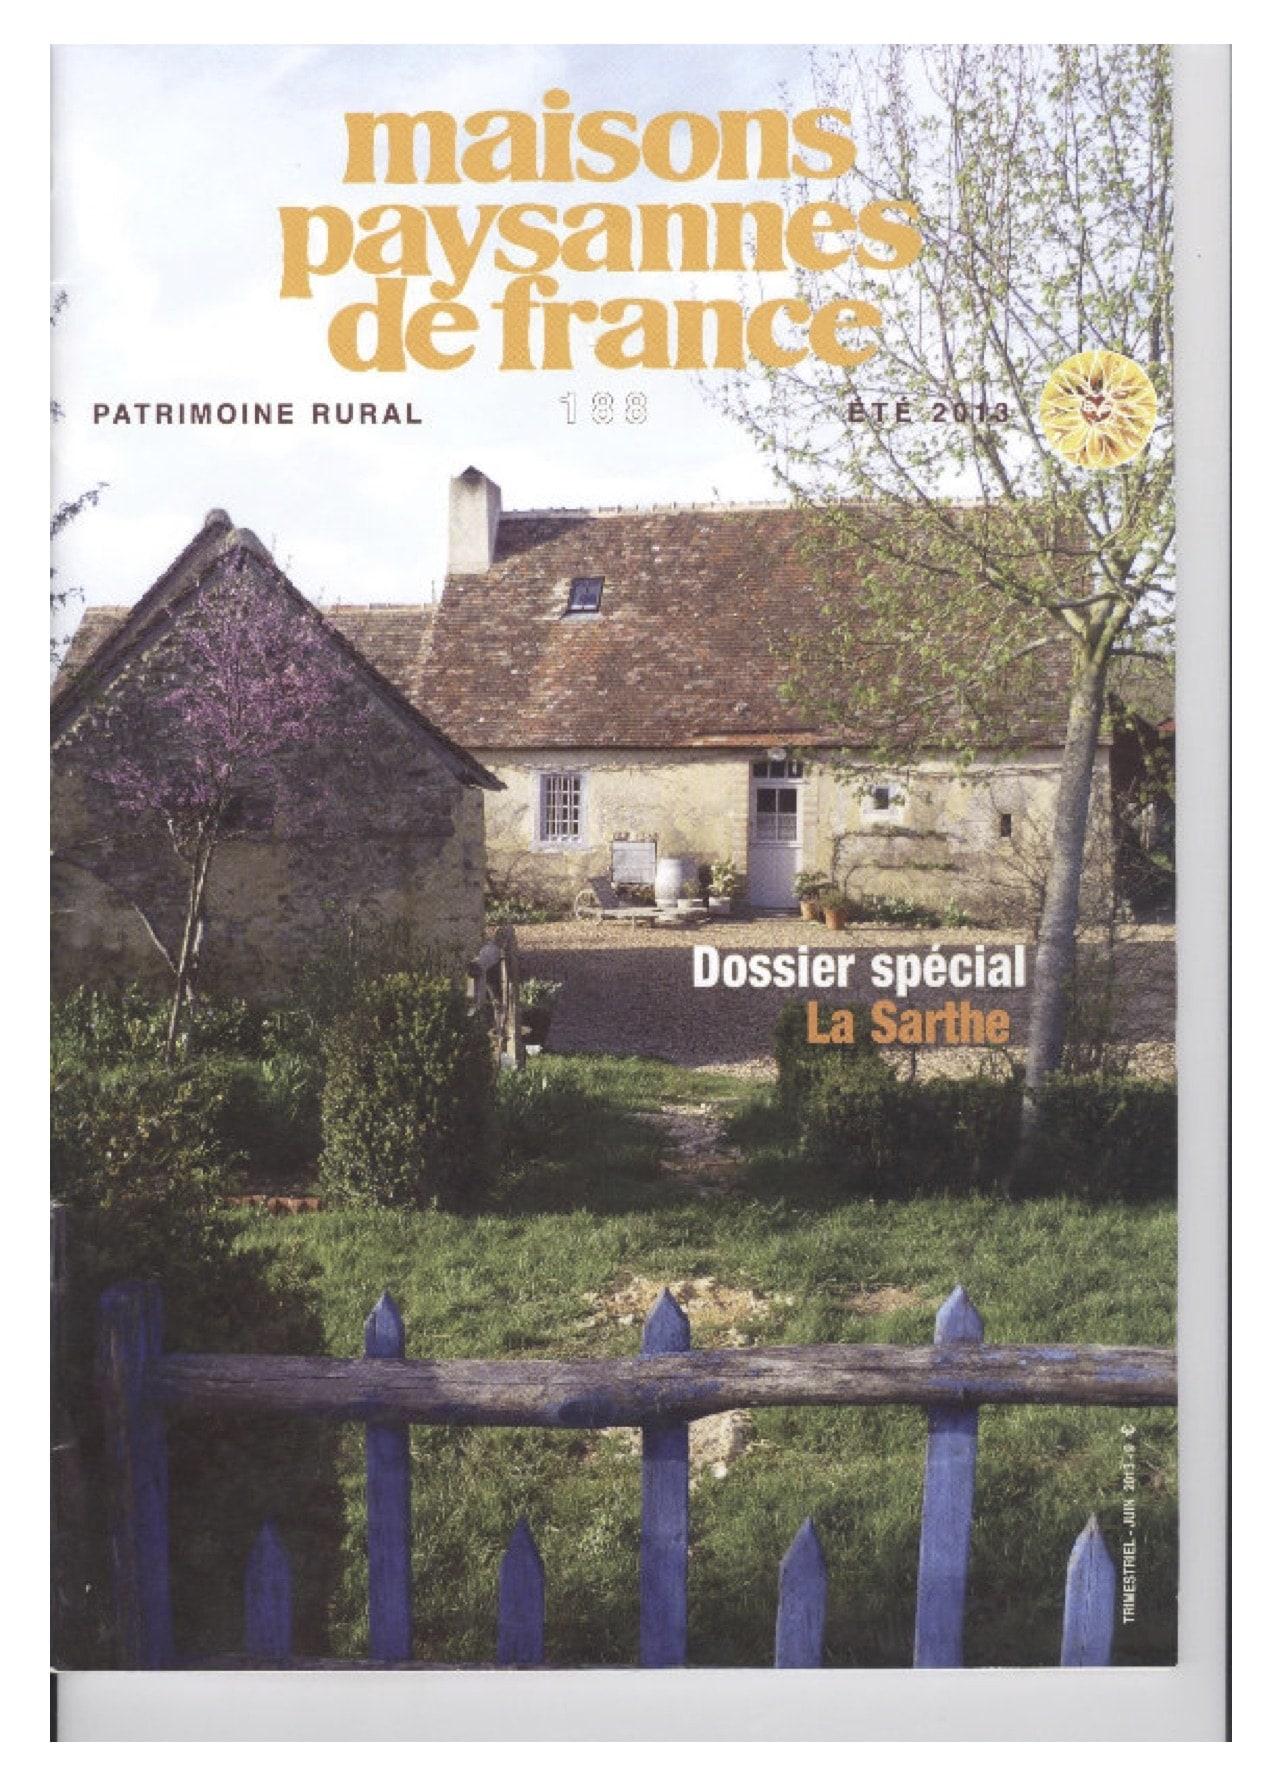 Maison paysannes de France